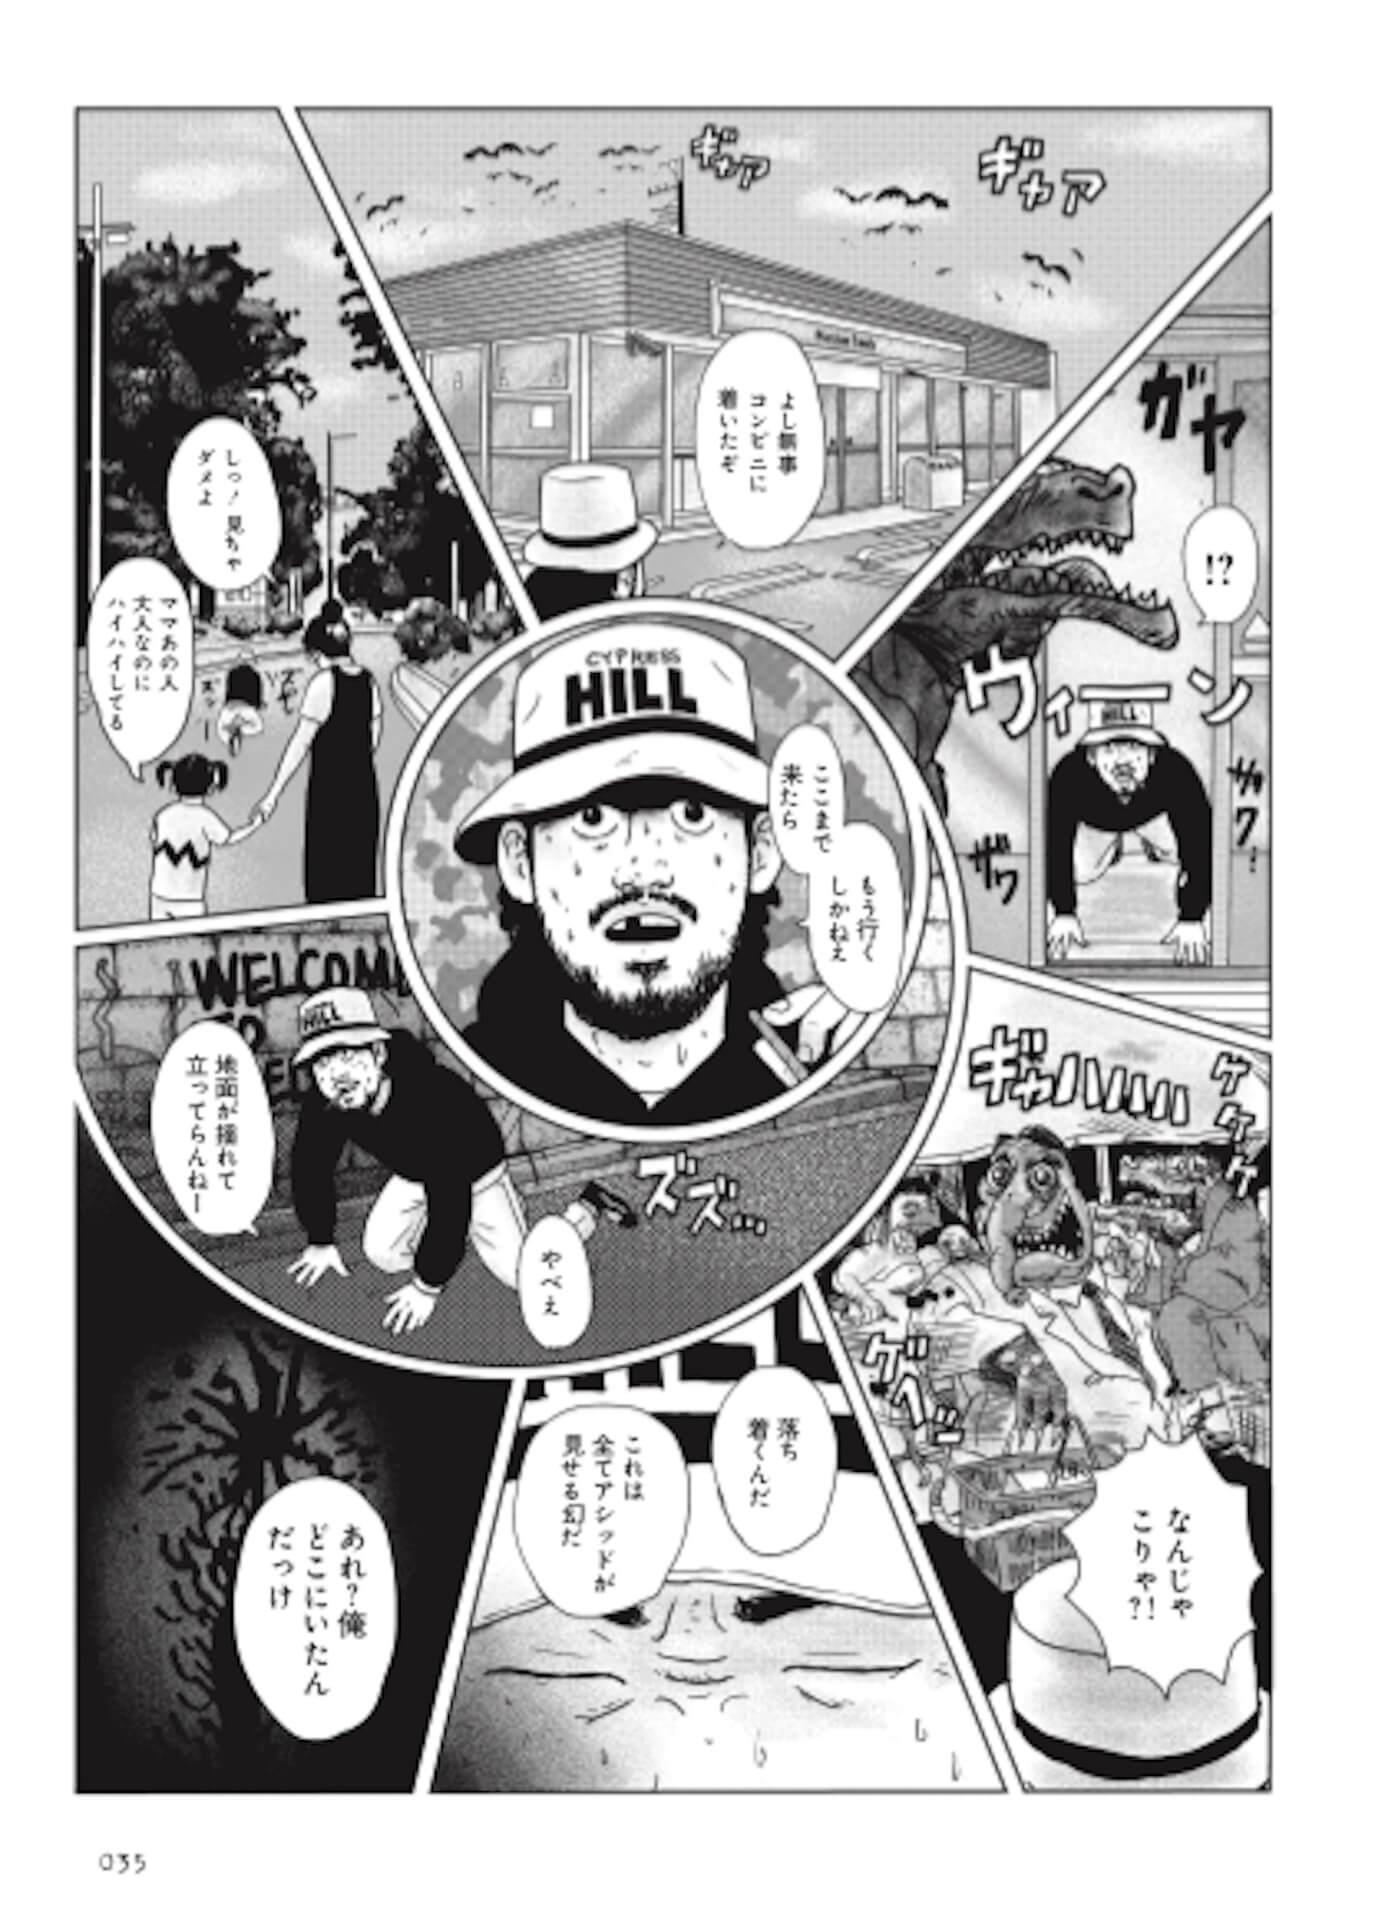 漫画『少年イン・ザ・フッド』単行本化インタビュー|Ghetto Hollywoodに影響を与えた作品たち interview200907_ghettohollywood_12-1